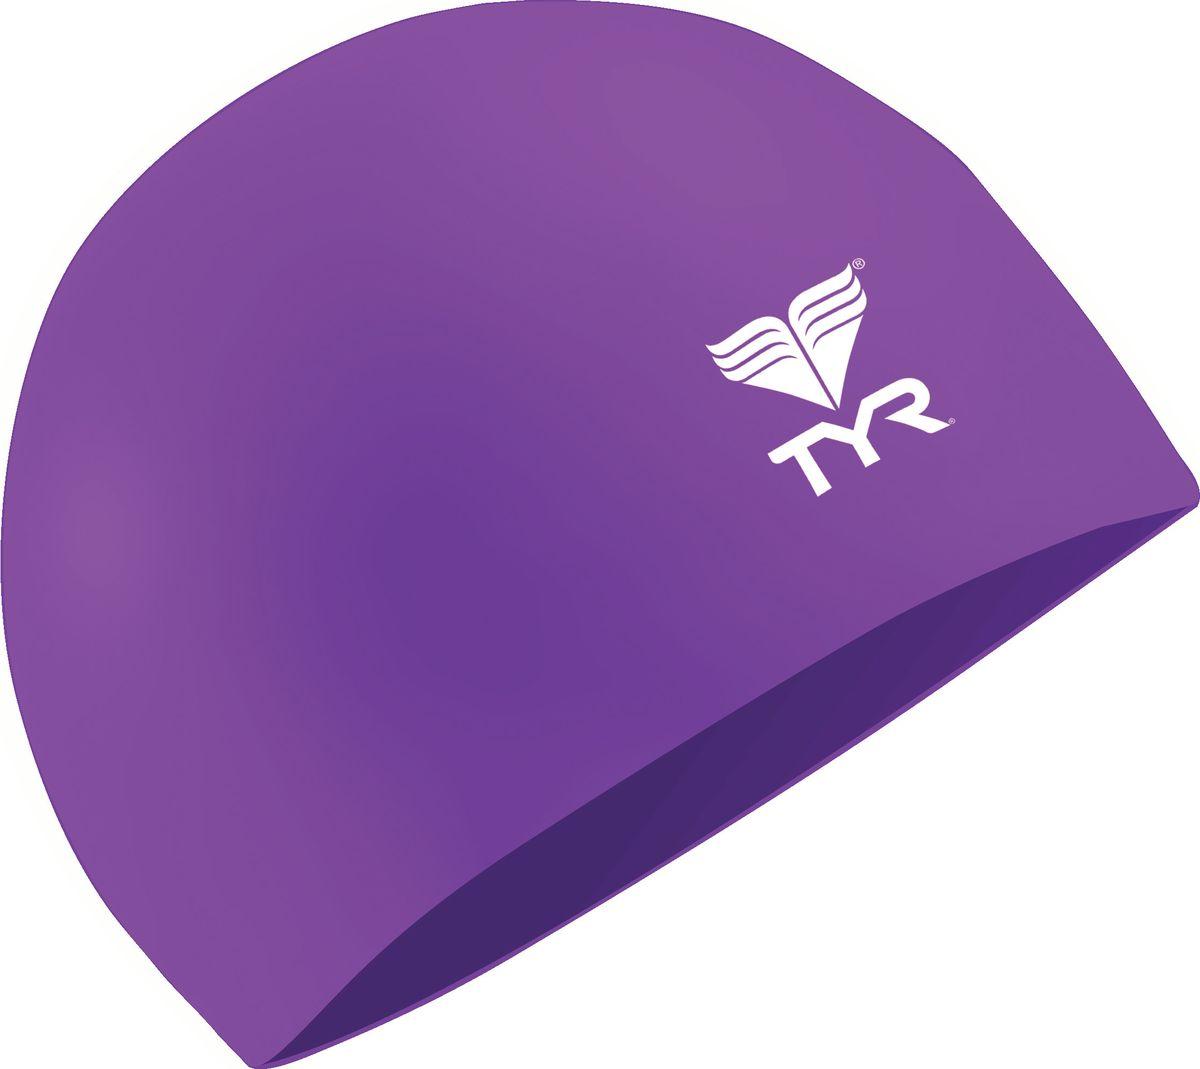 Шапочка плавательная Tyr Latex Swim Cap, цвет: фиолетовый. LCLLCLШапочка TYR Latex - изготовлена из высококачественного латекса. Прочный, мягкий материал приятный на ощупь. Очень удобная модель для посещения тренировок в бассейне. Благодаря своей эластичности не давит на голову.